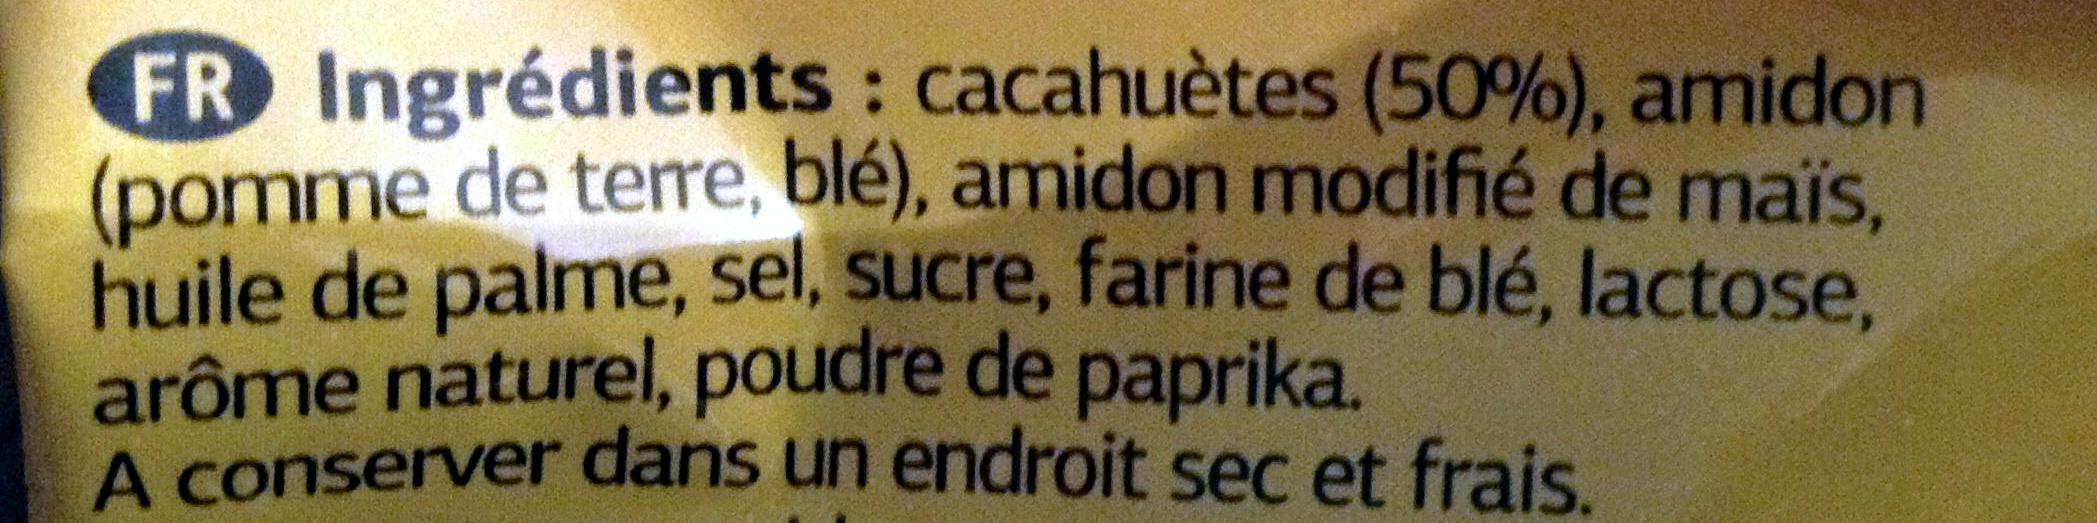 Cacahuètes enrobées goût paprika - Ingrédients - fr